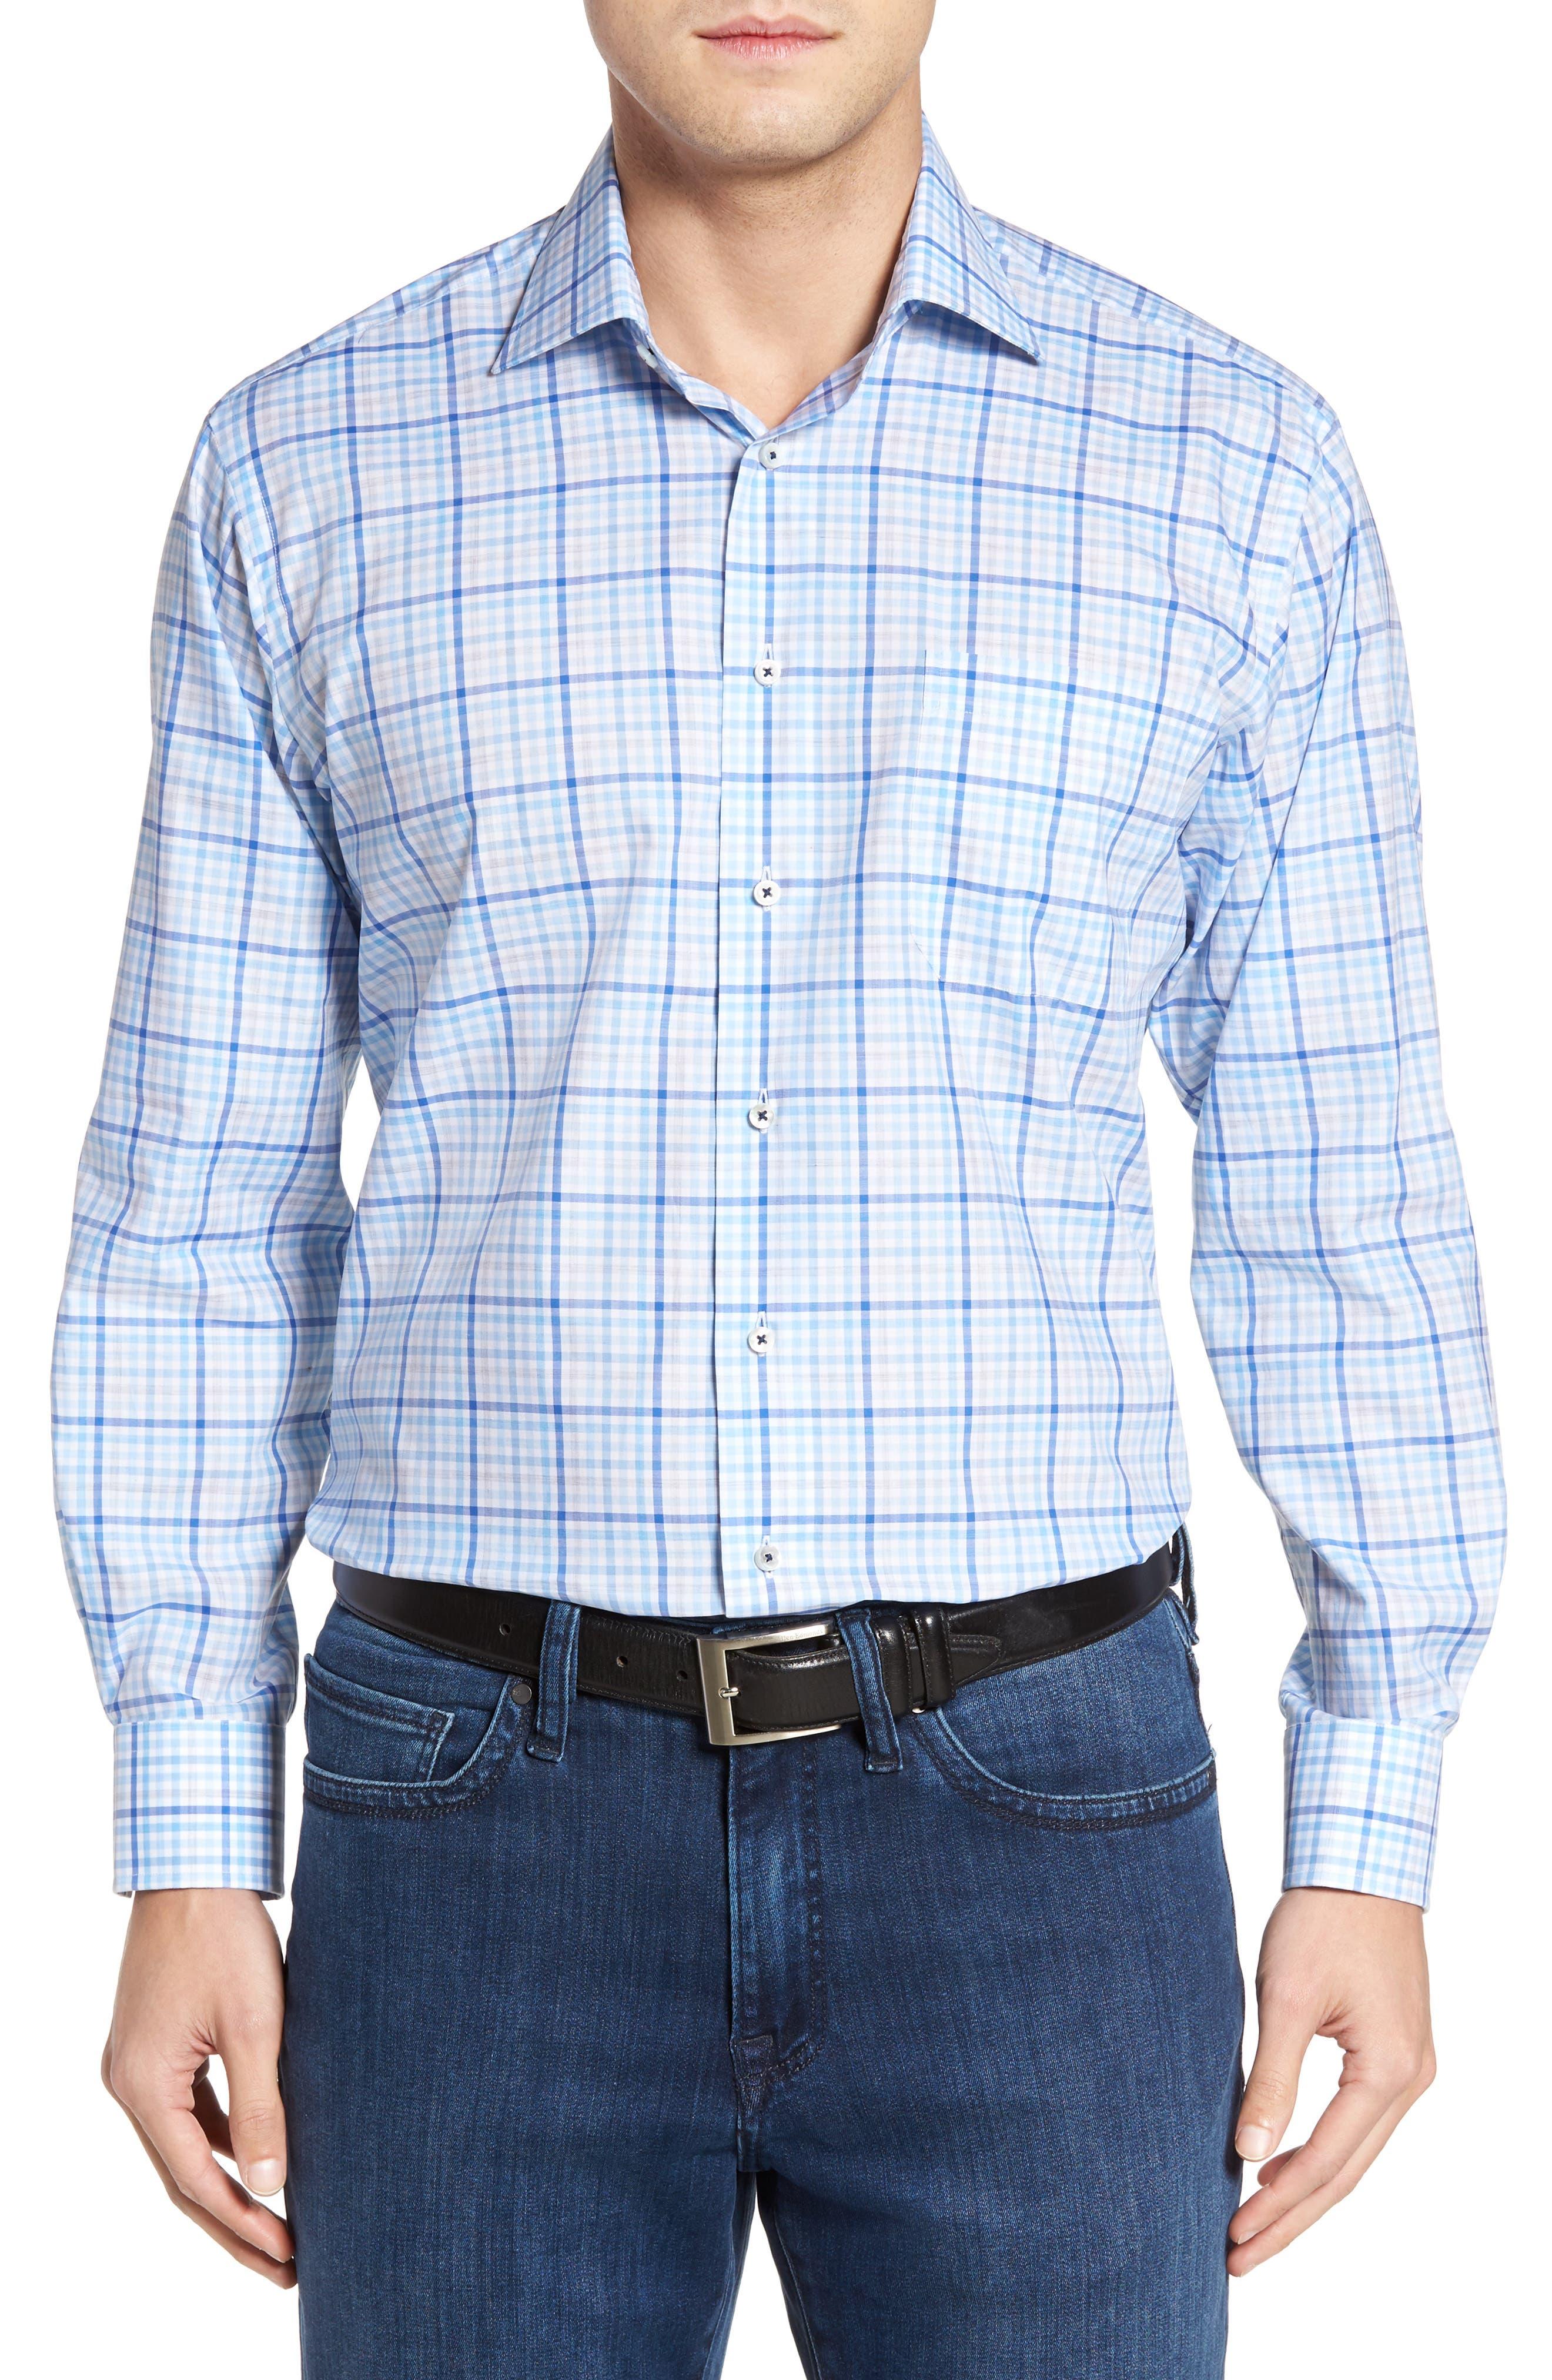 Estate Classic Fit Sport Shirt,                             Main thumbnail 1, color,                             400